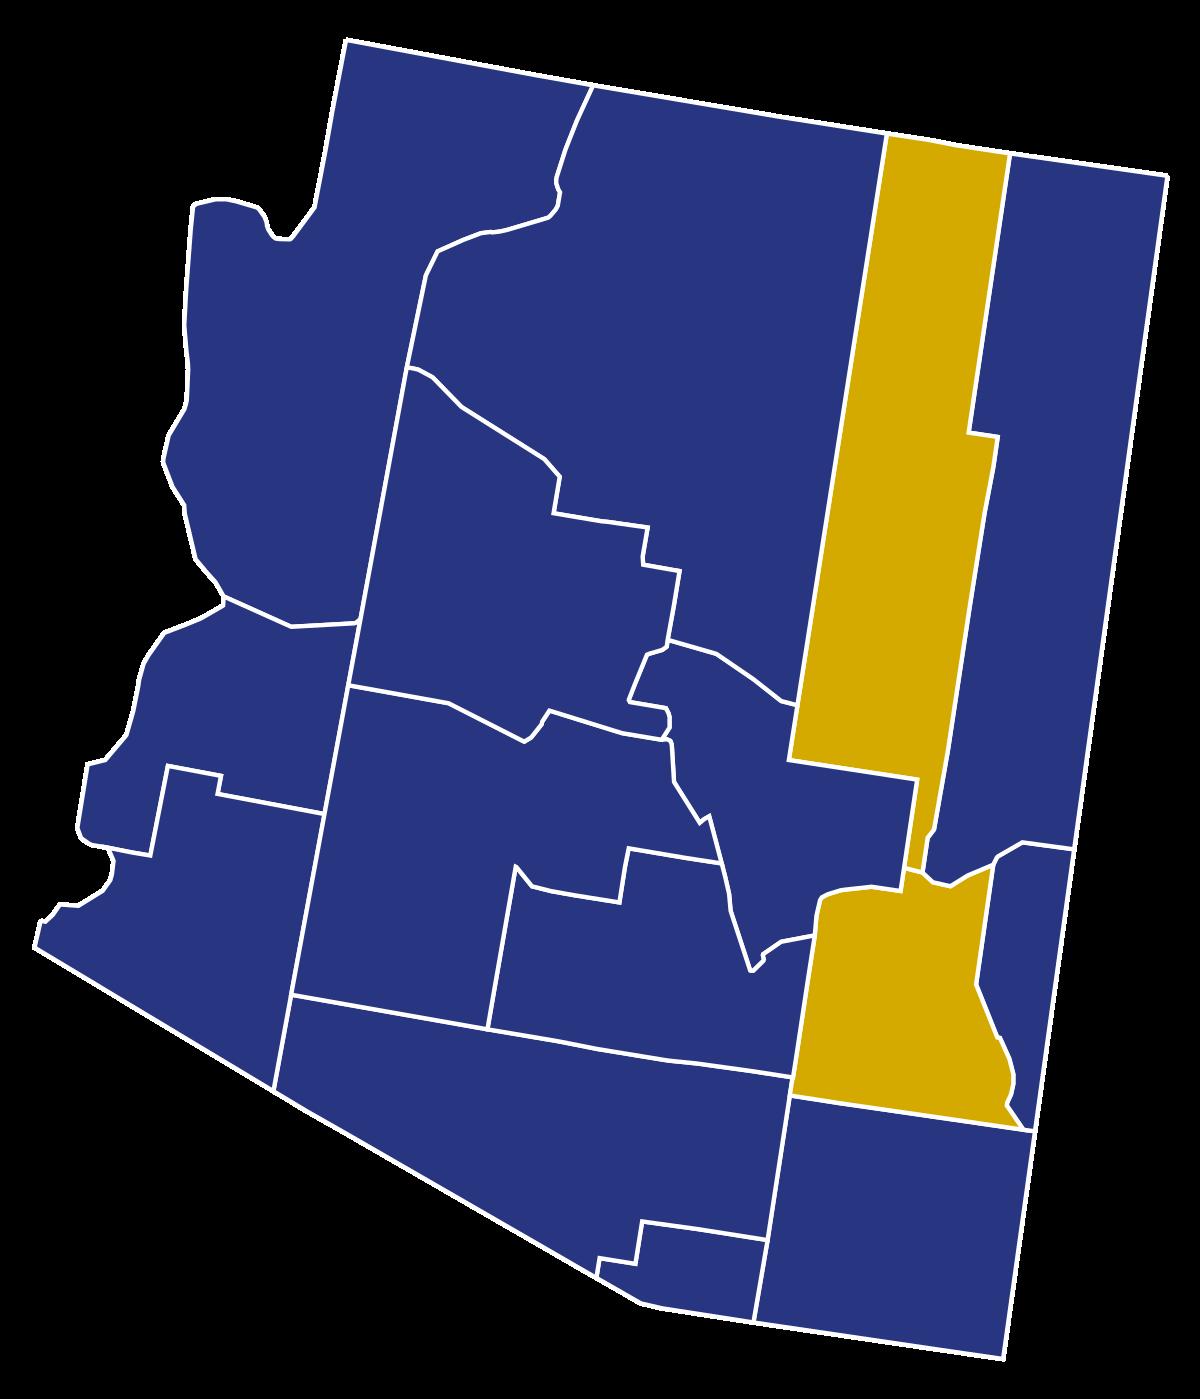 Voting clipart primary election. Arizona republican wikipedia